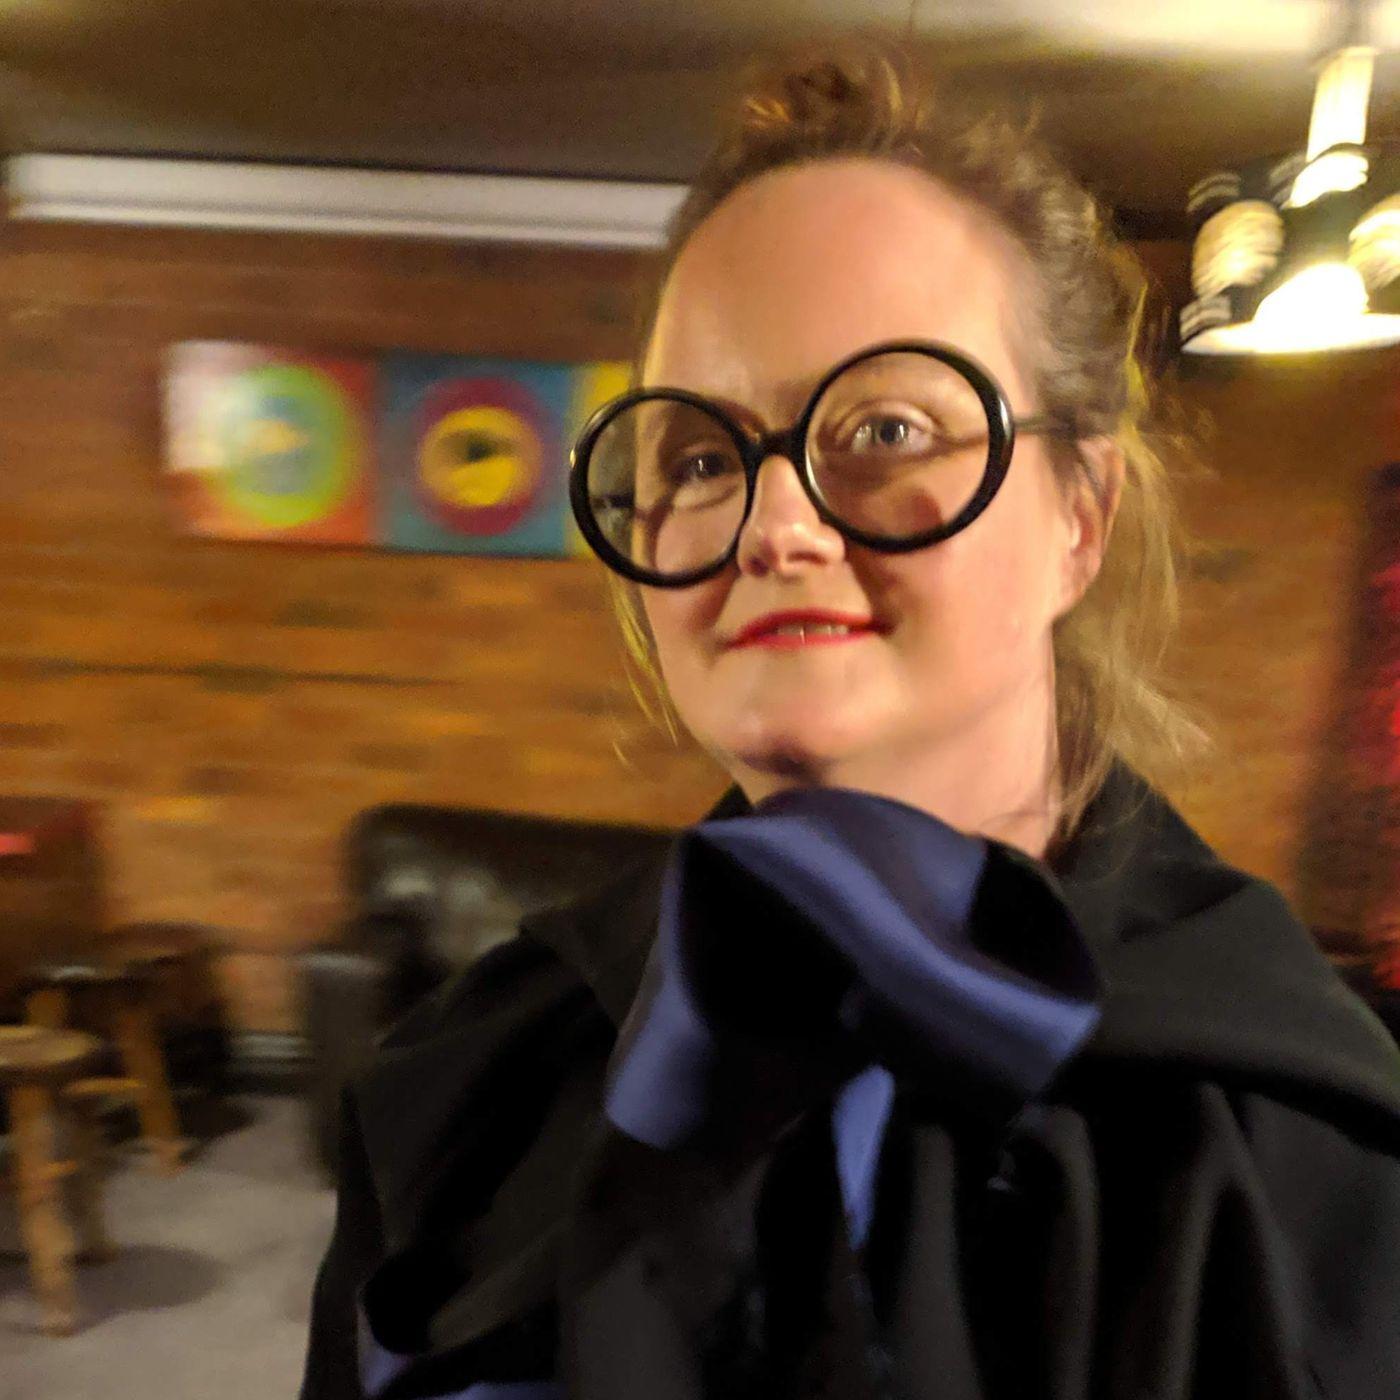 Emily Mason - The nerd herder